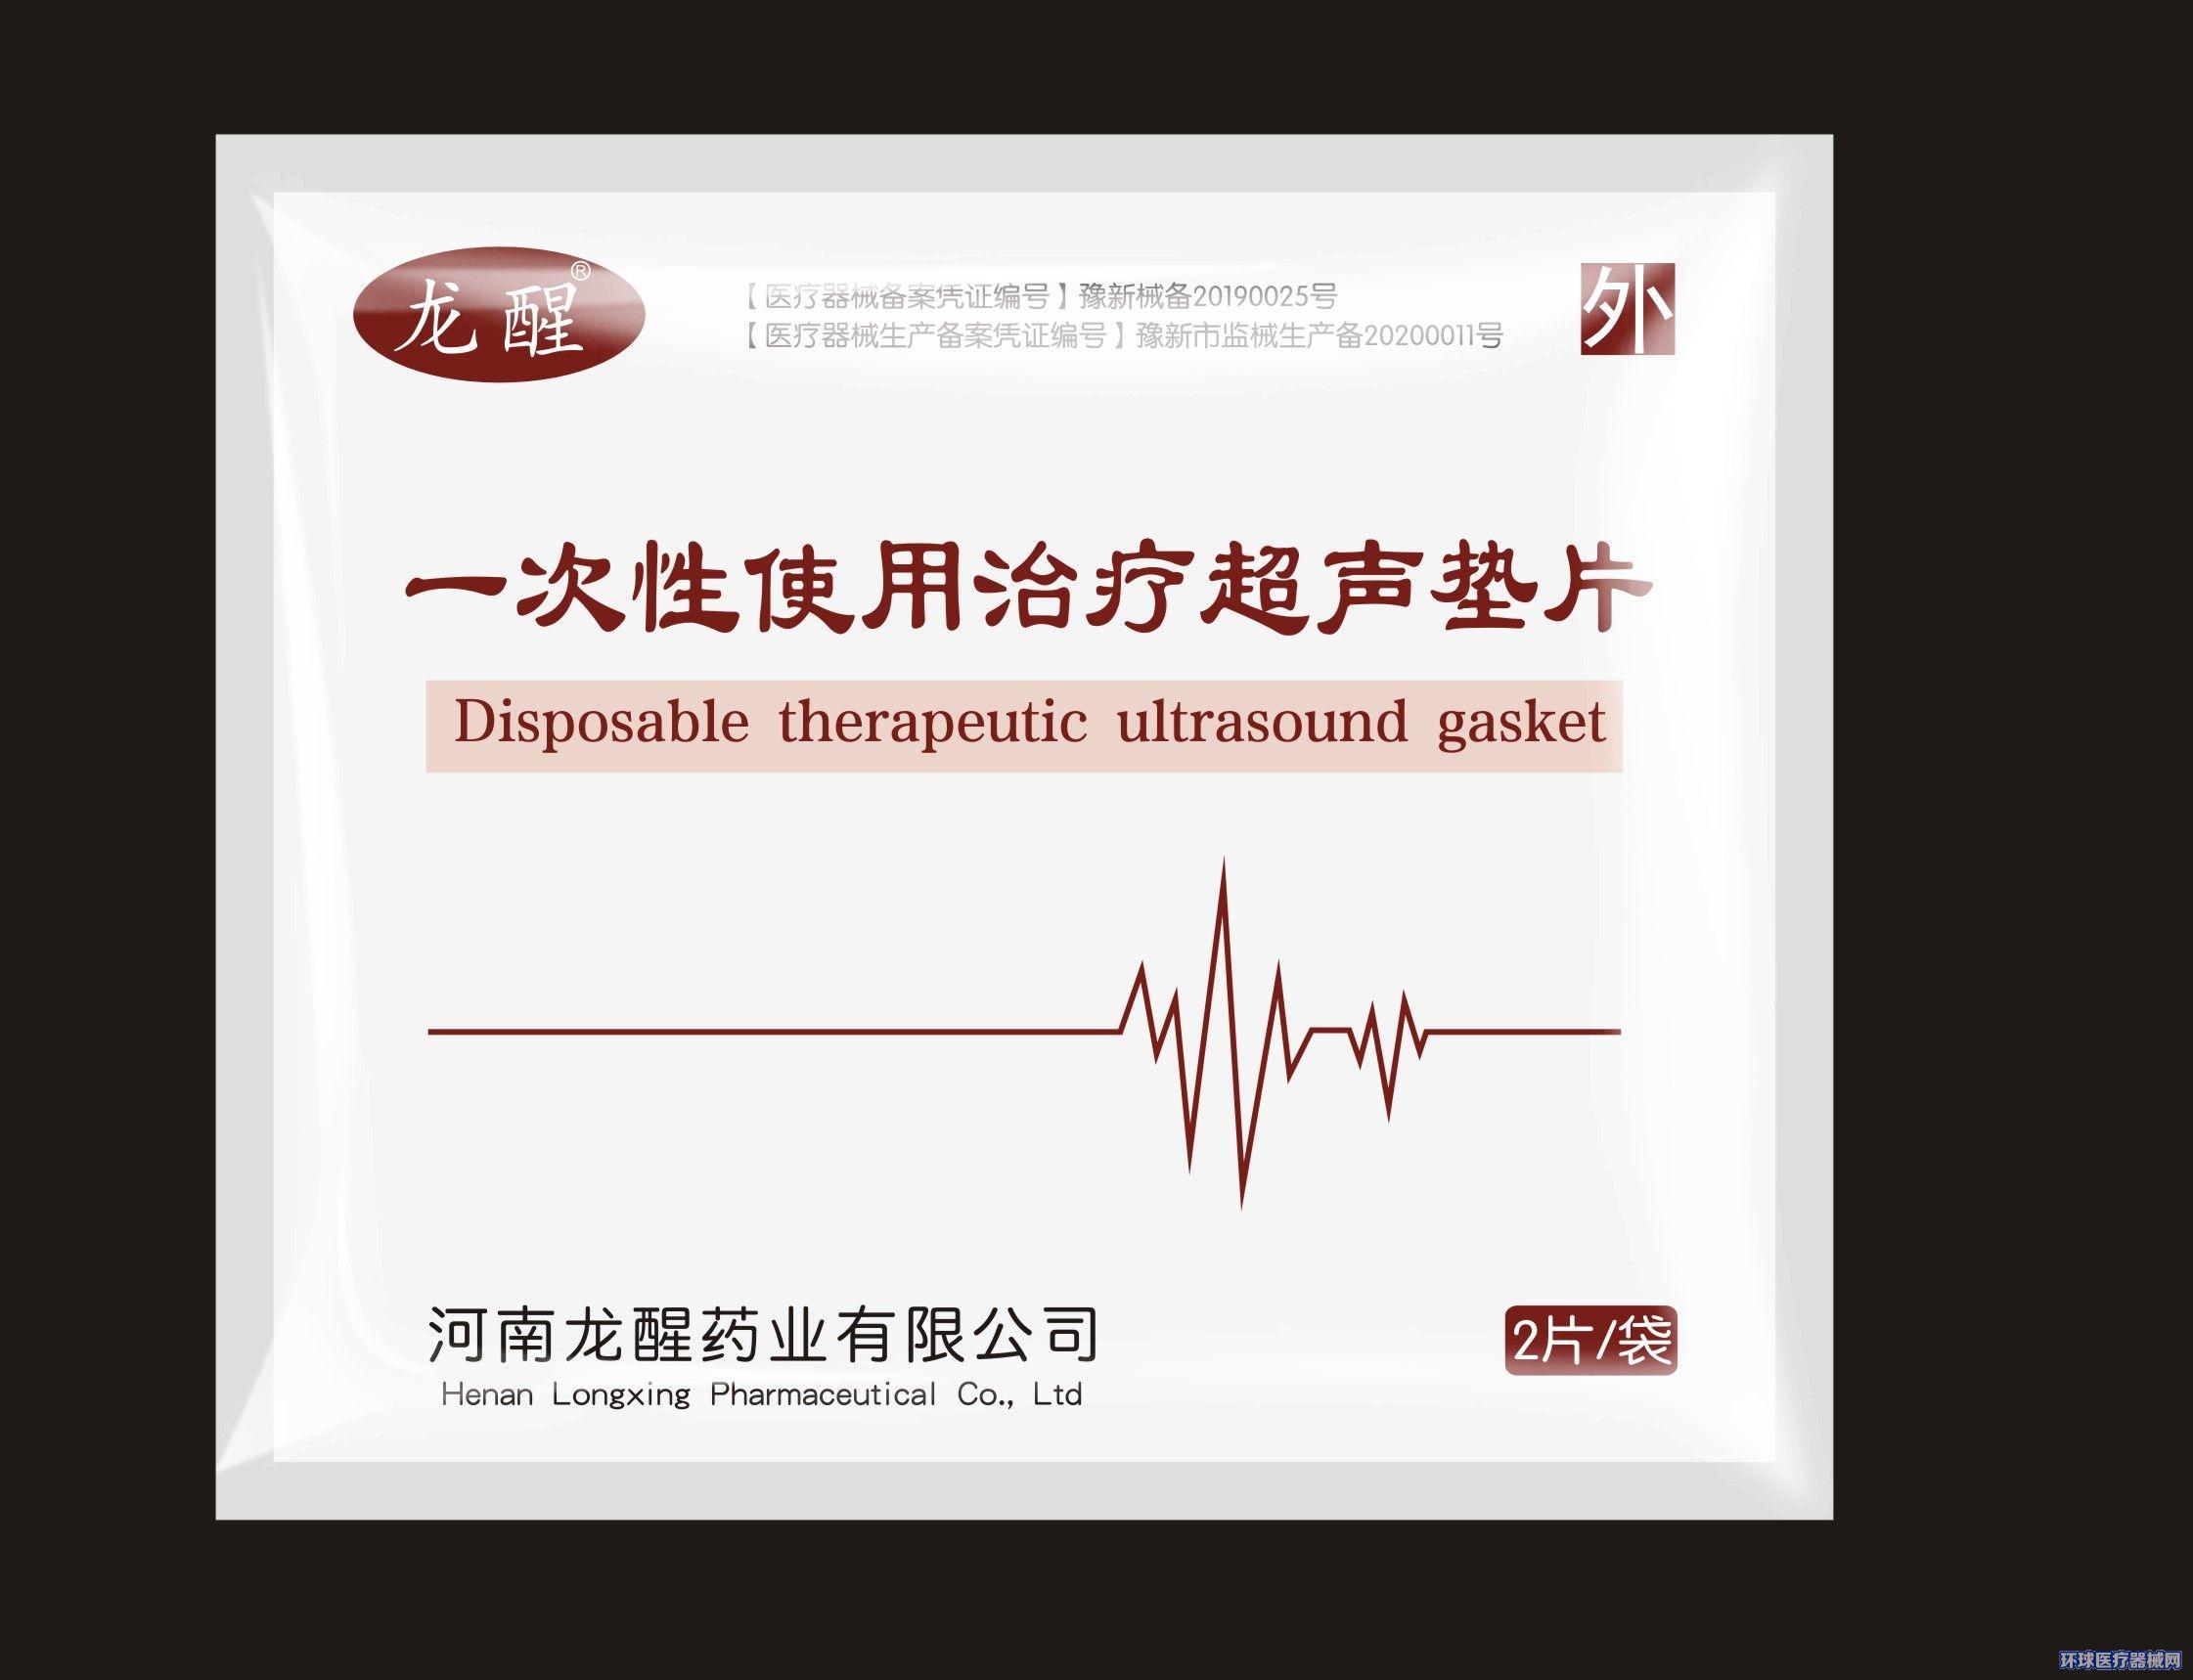 一次性使用治疗超声垫片(超声电导透药仪配套耗材)